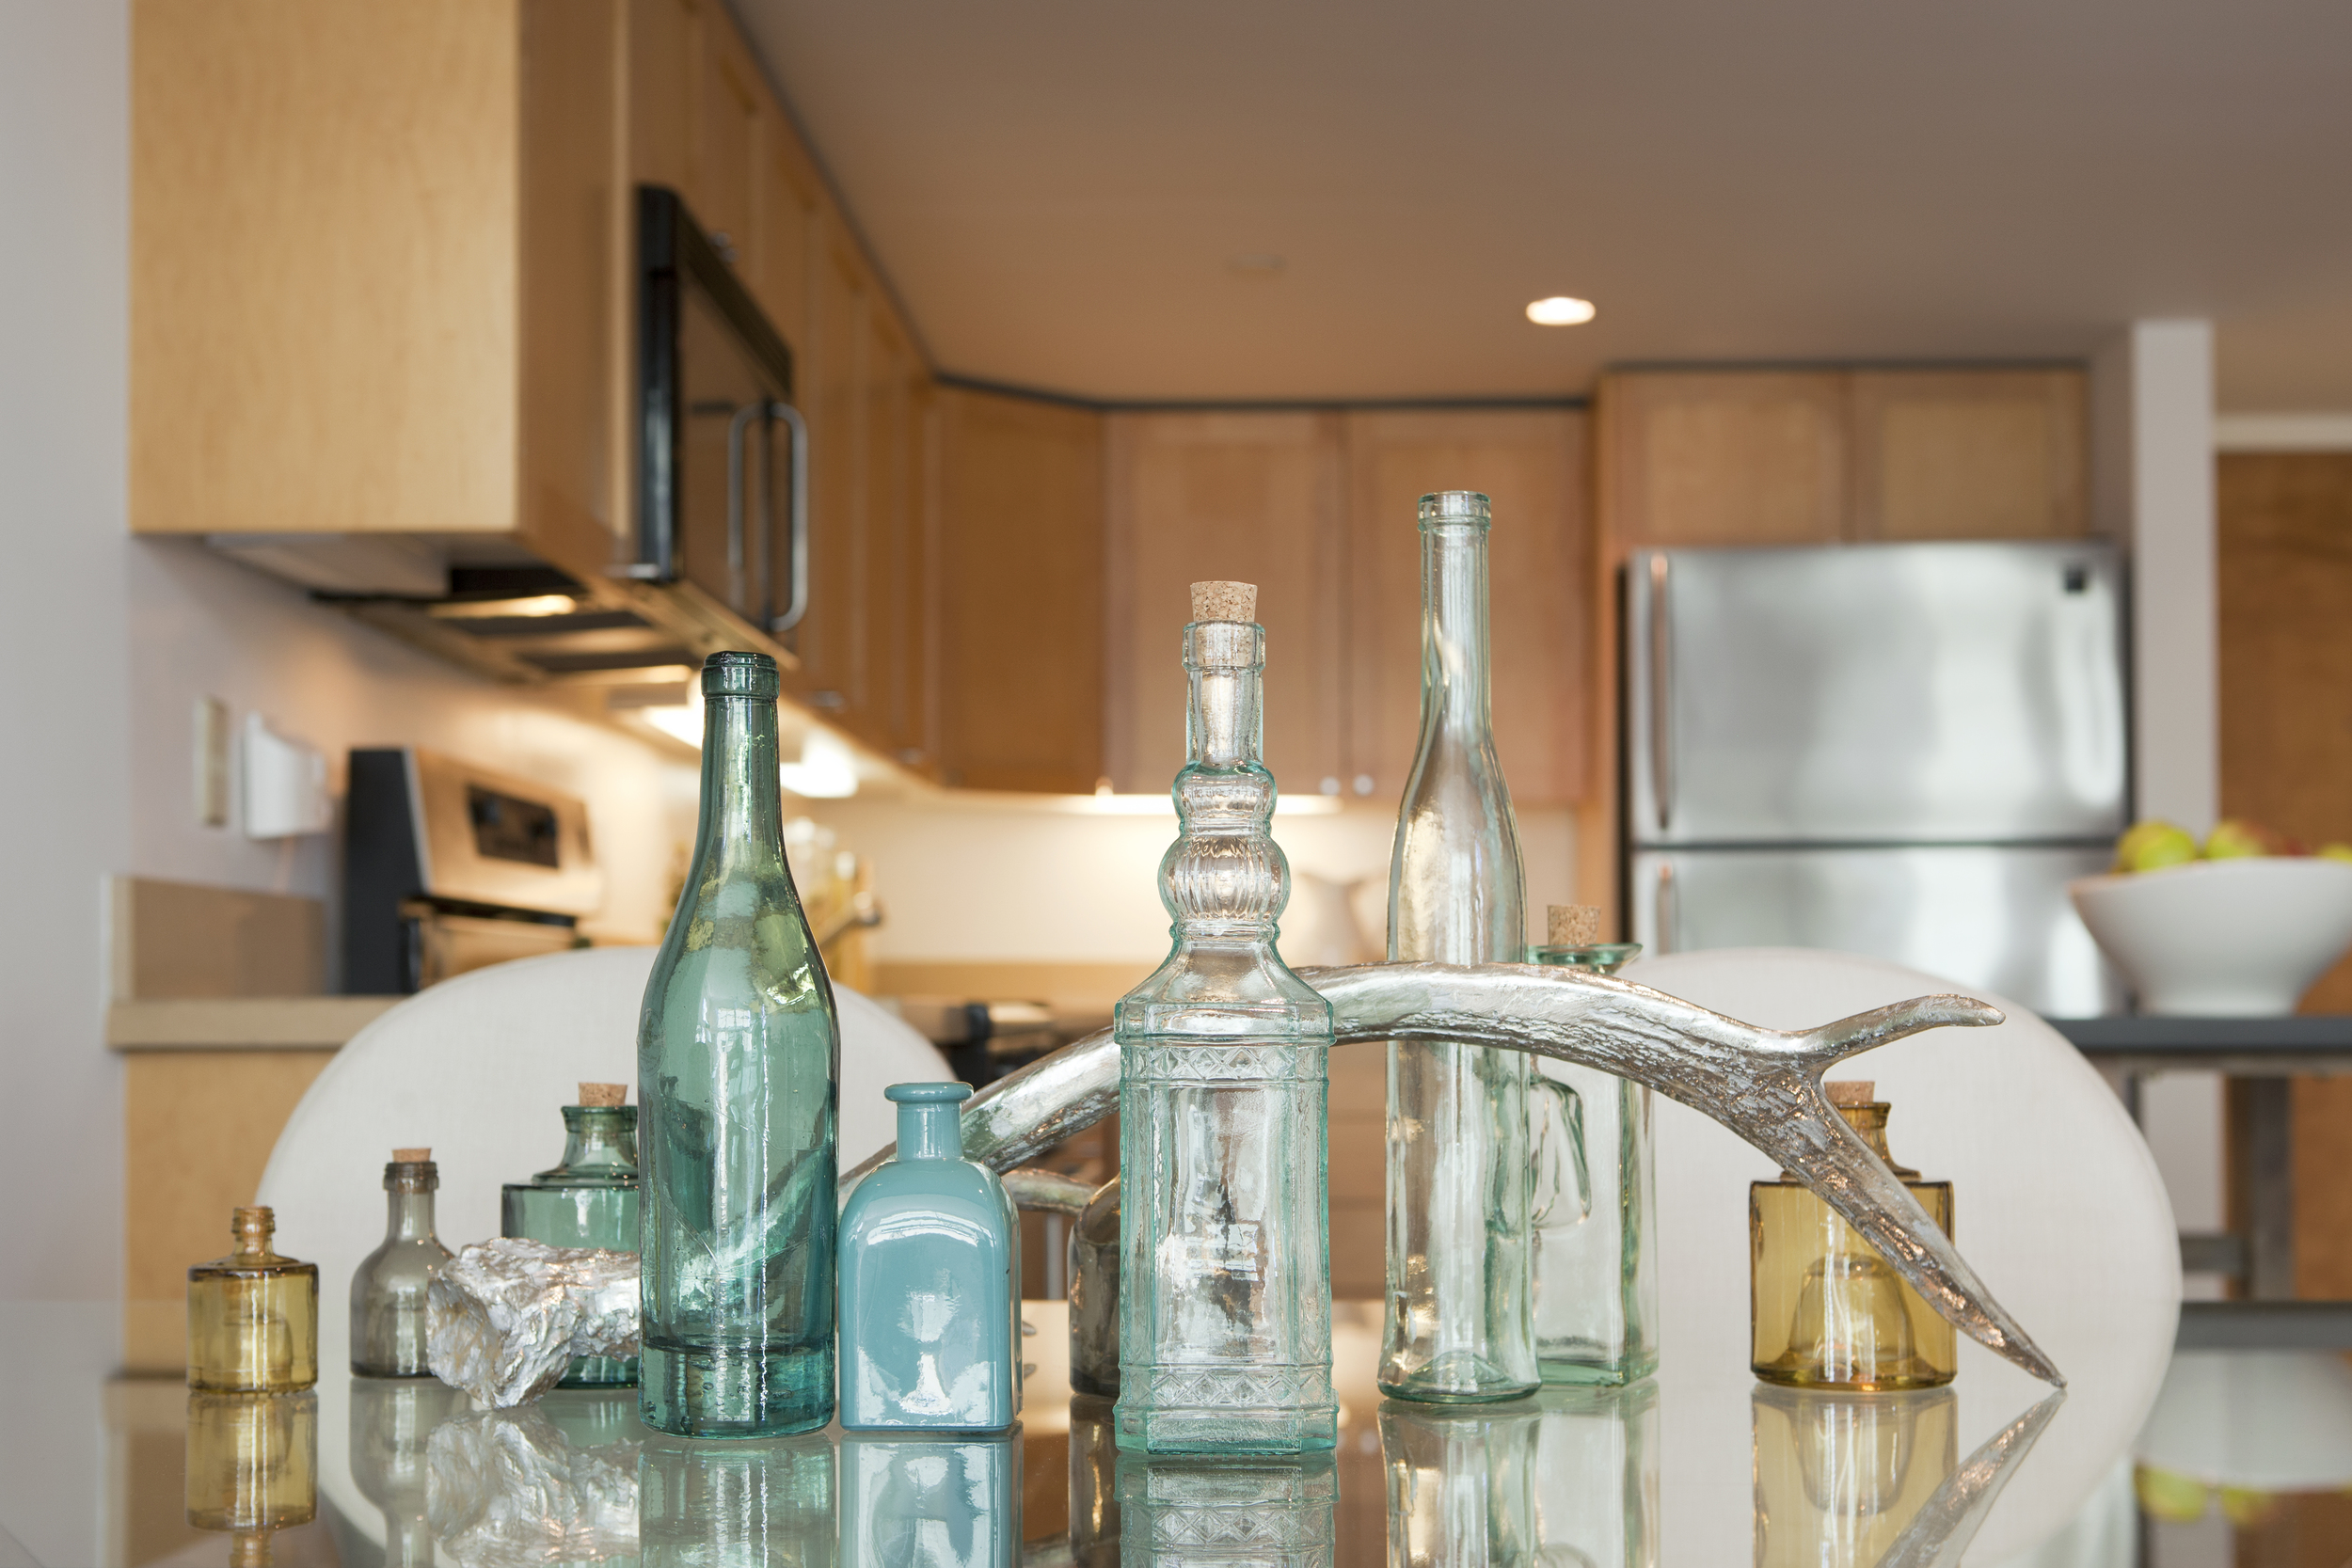 KitchenTableDetail.jpg